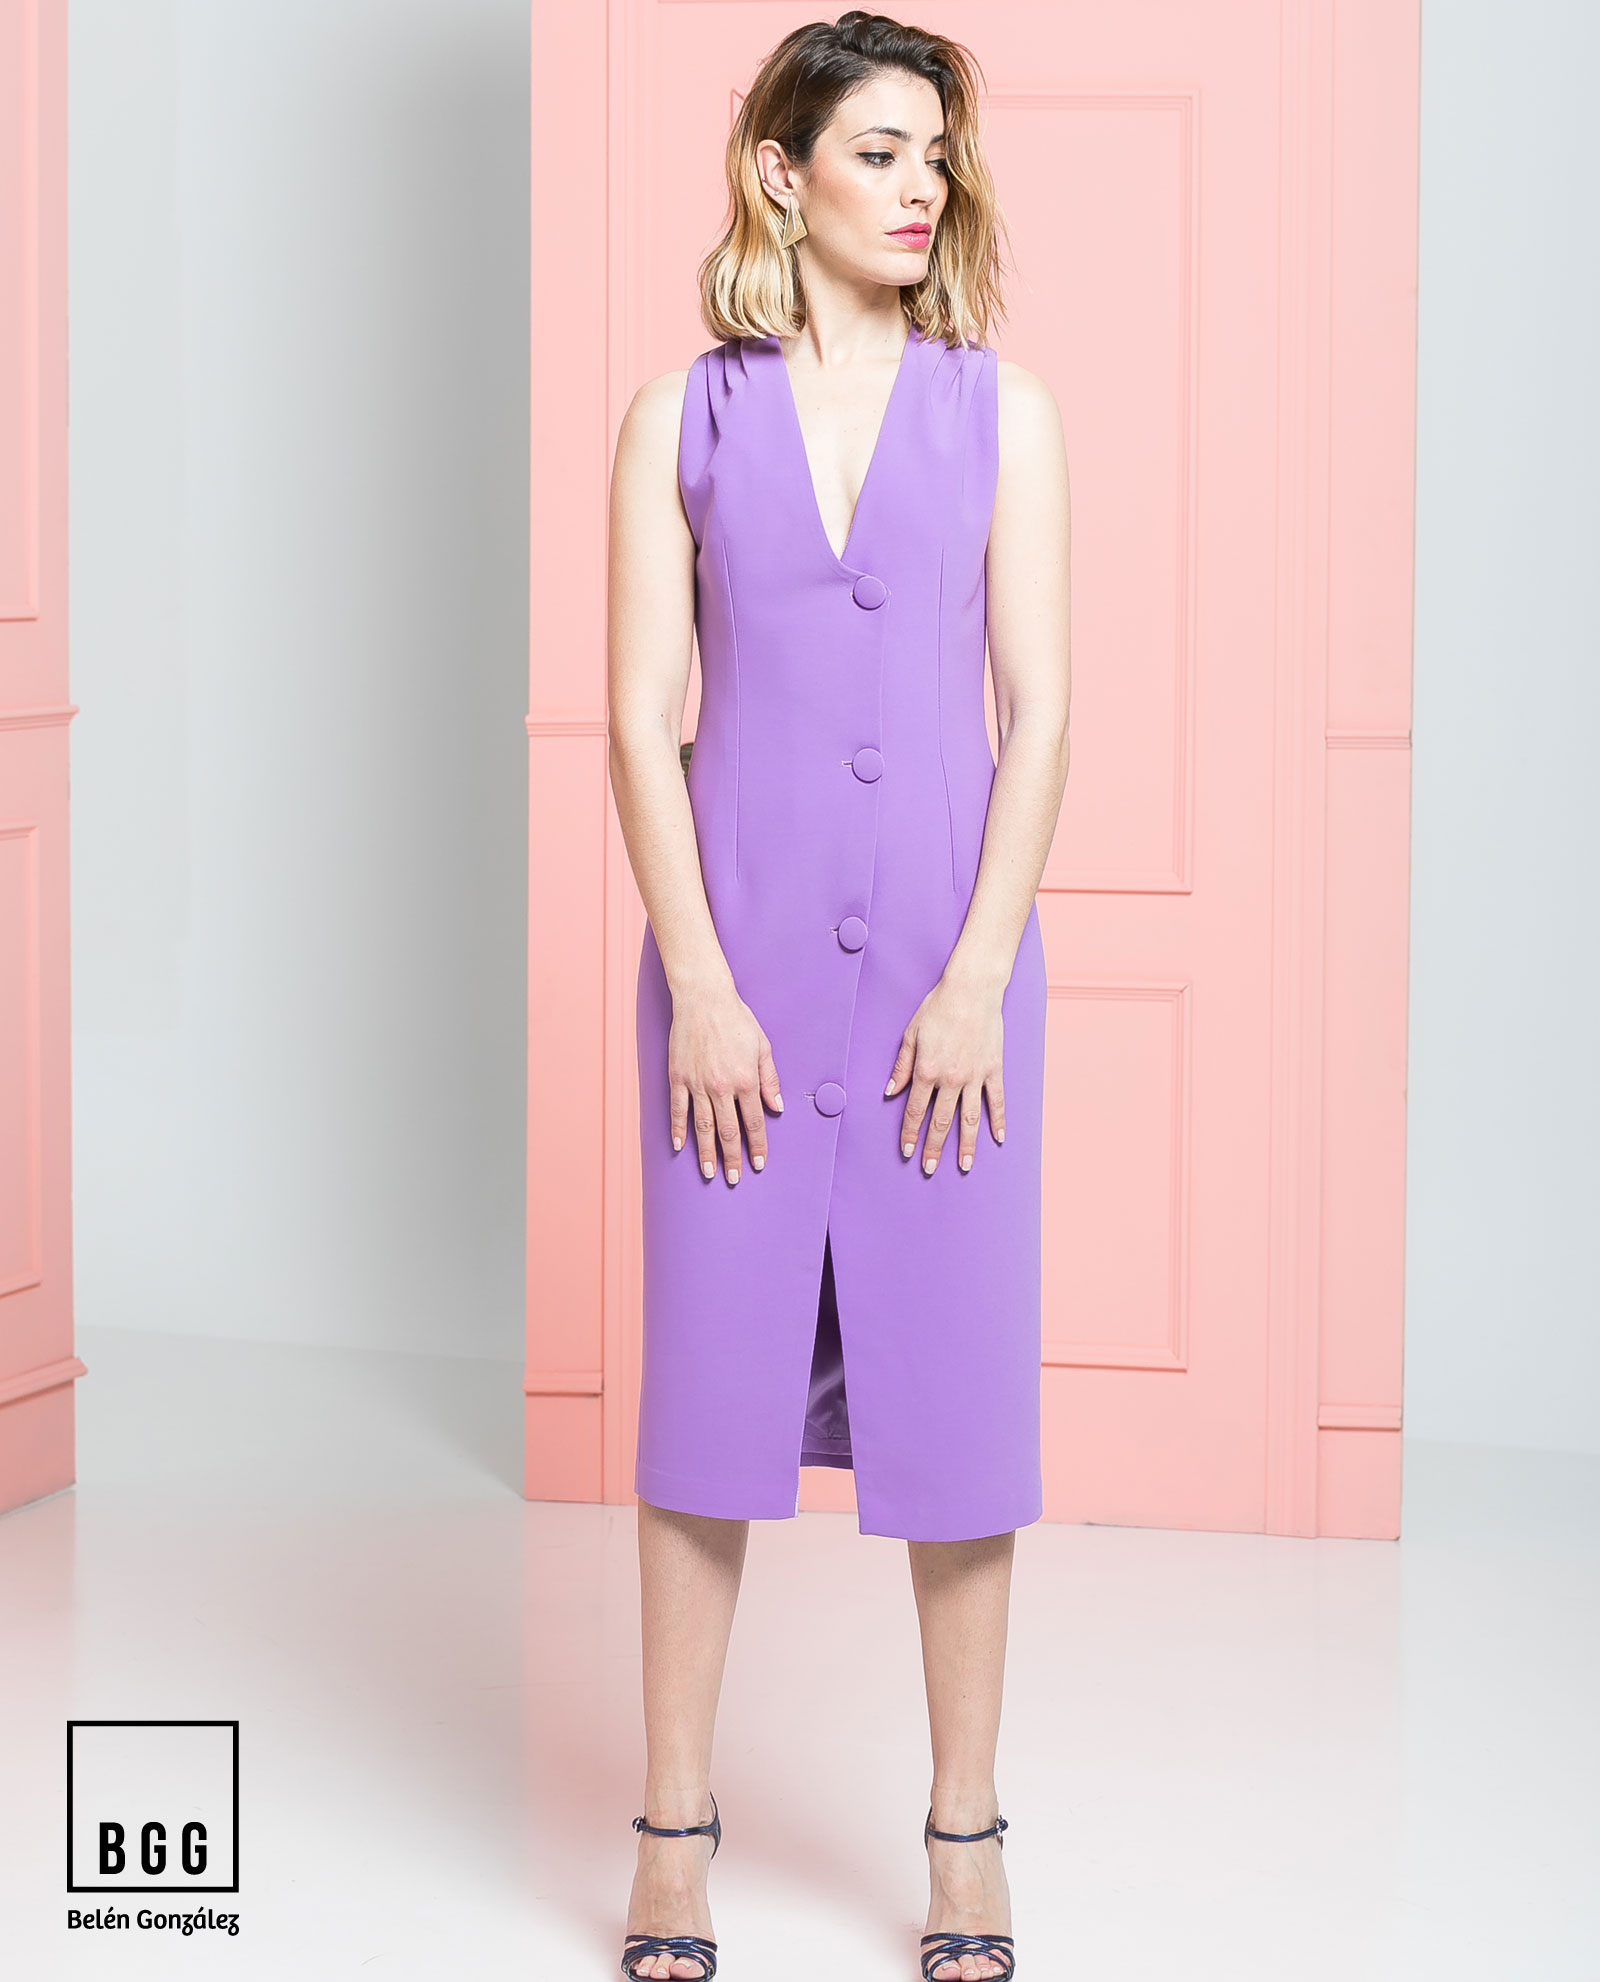 Asombroso Vestido De Fiesta 007 Tema Friso - Colección del Vestido ...